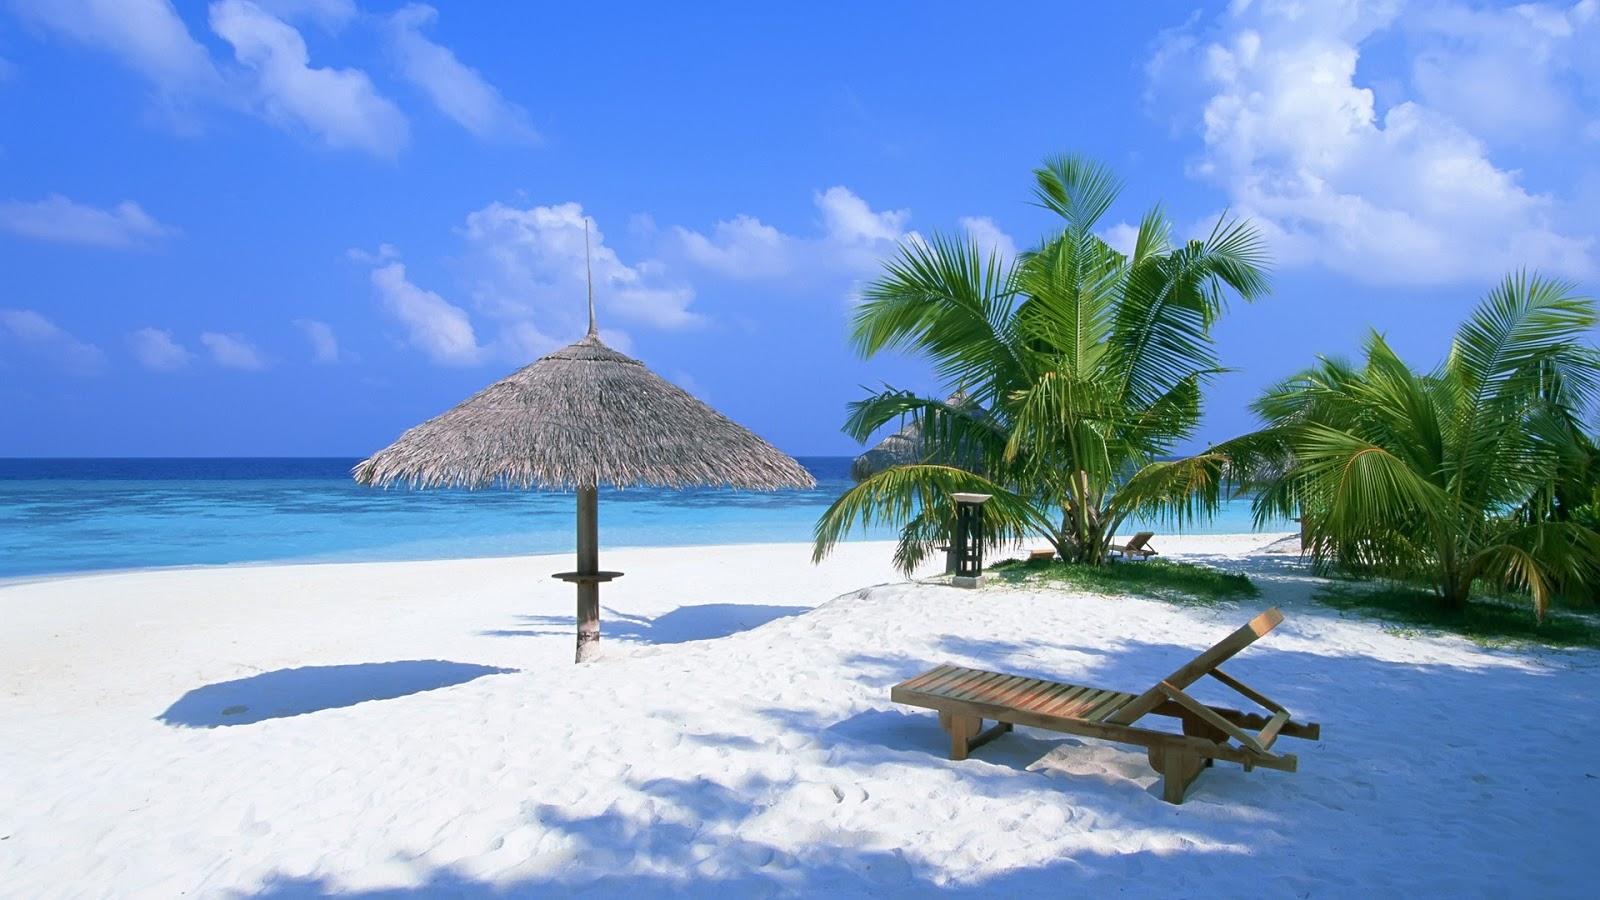 Sfondi gratis nuovo sfondo estivo for Foto full hd per desktop